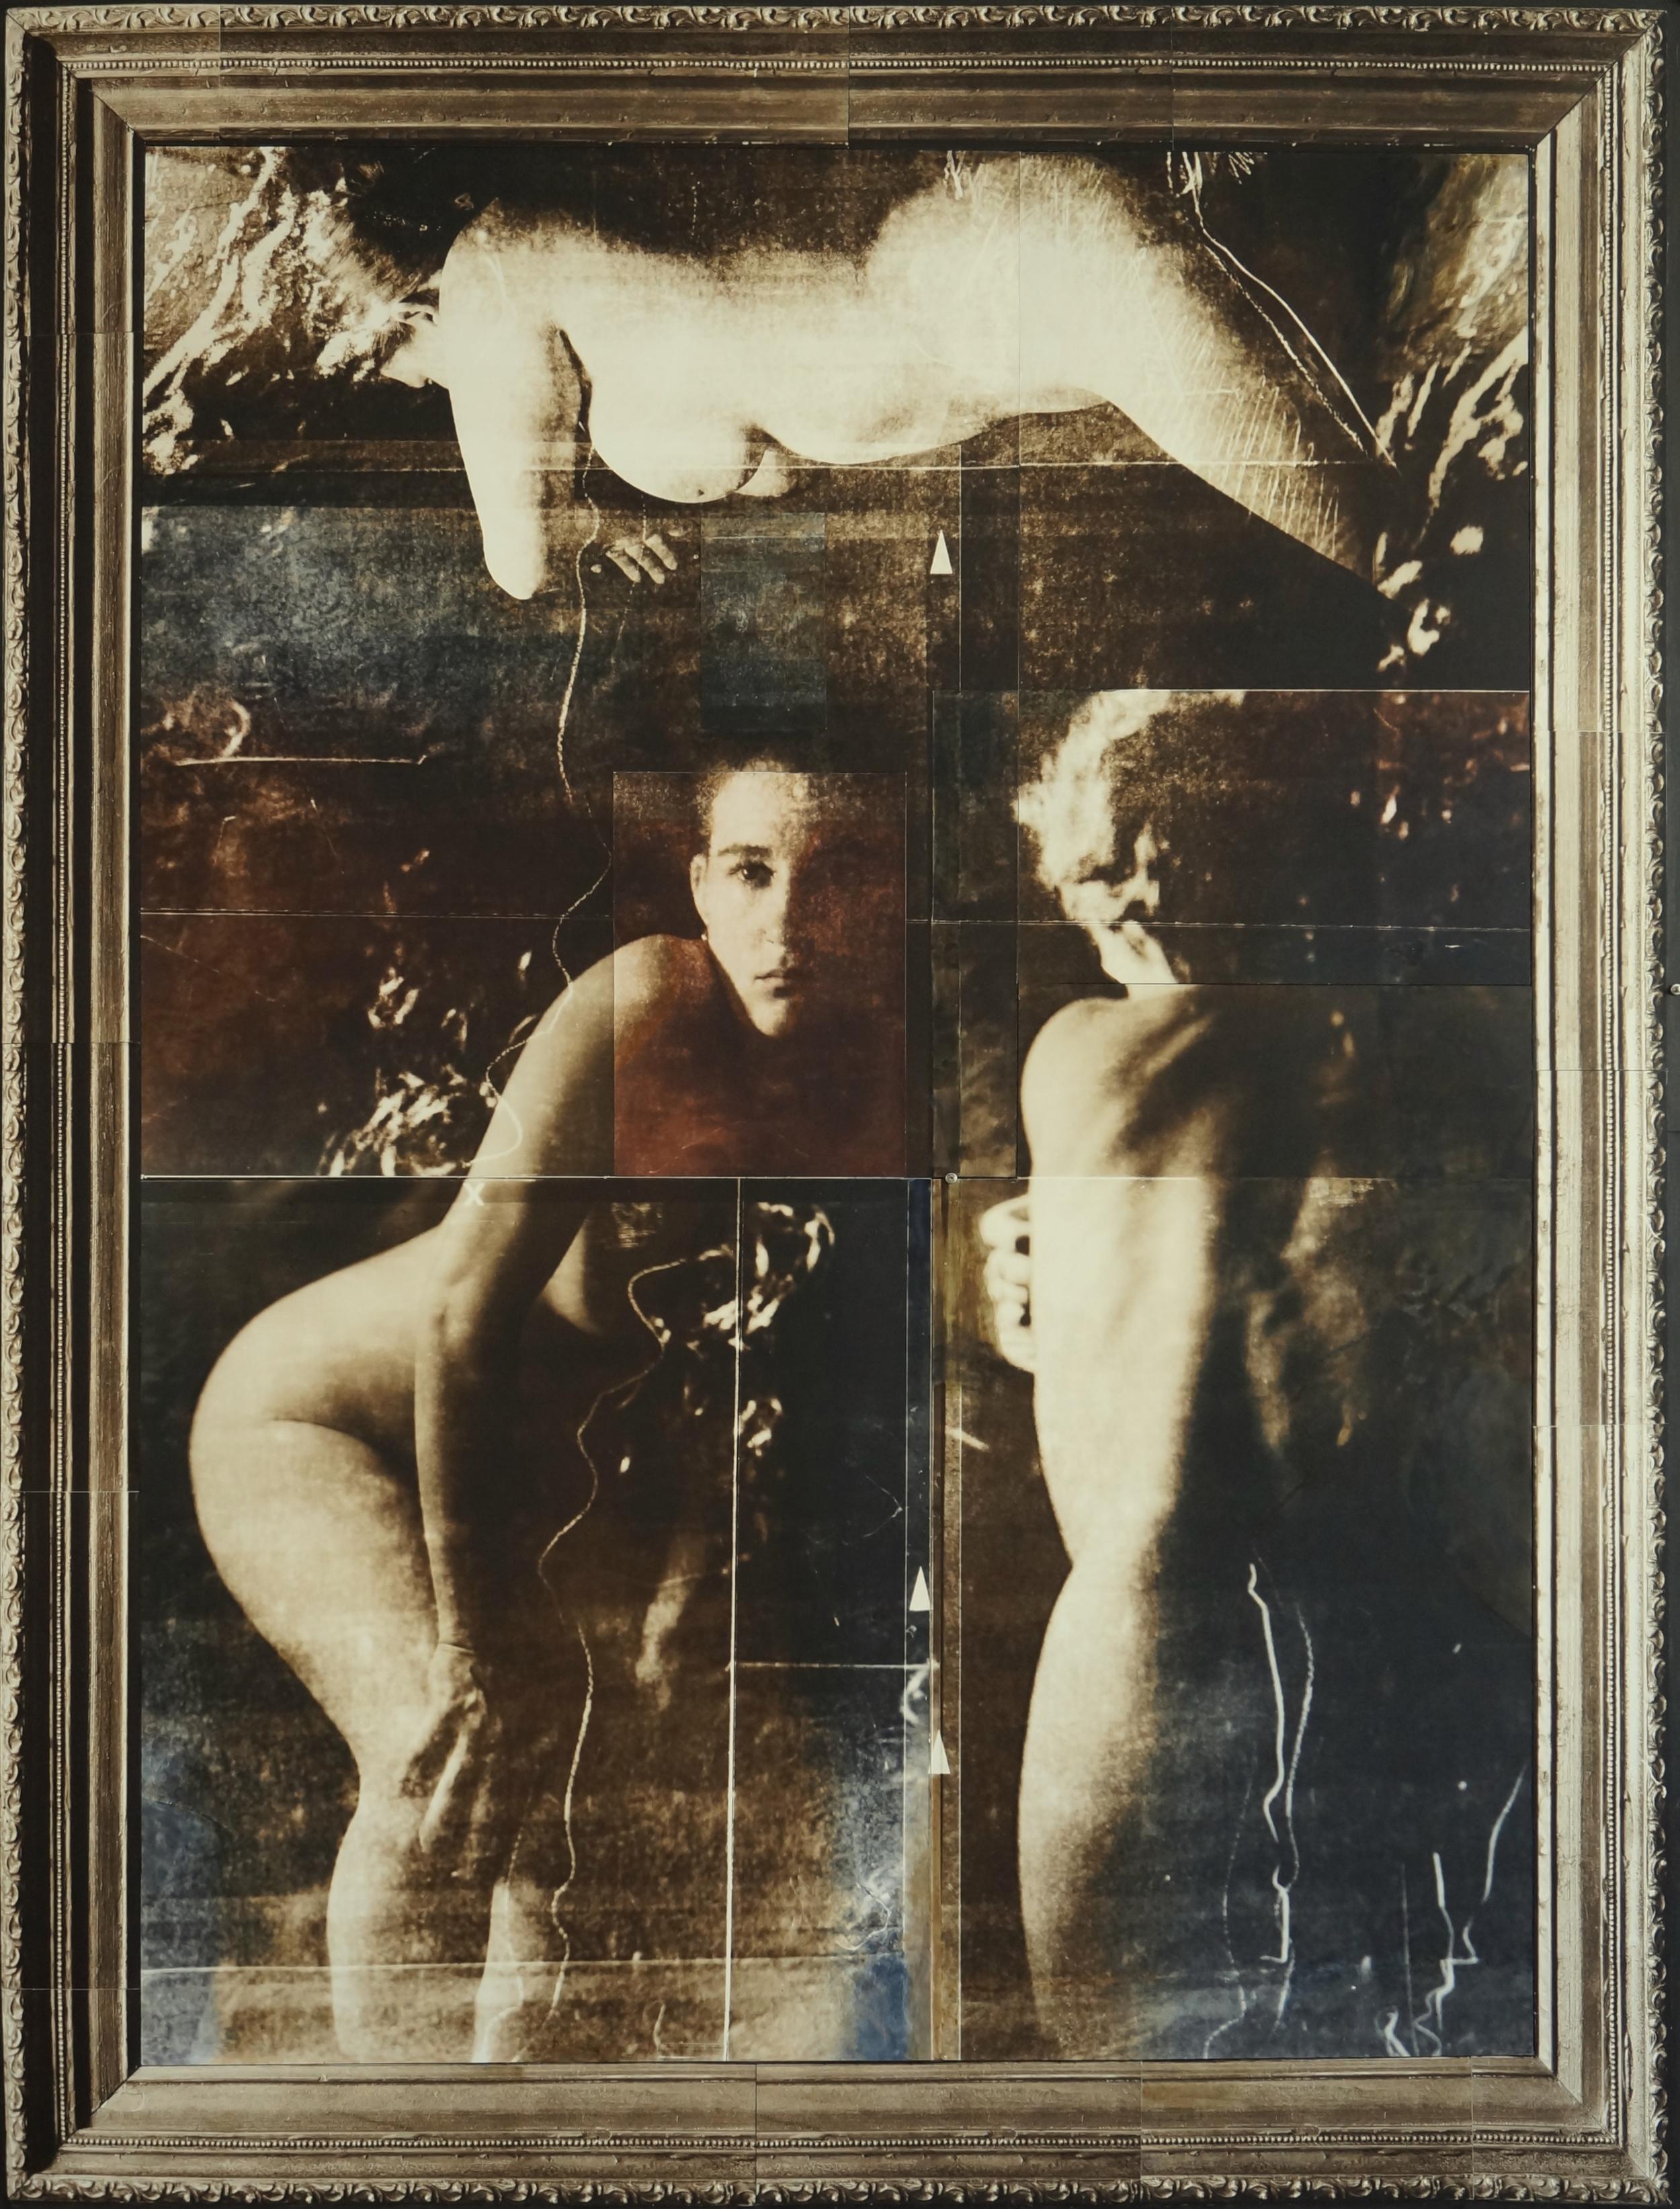 09_Nude Women.jpeg